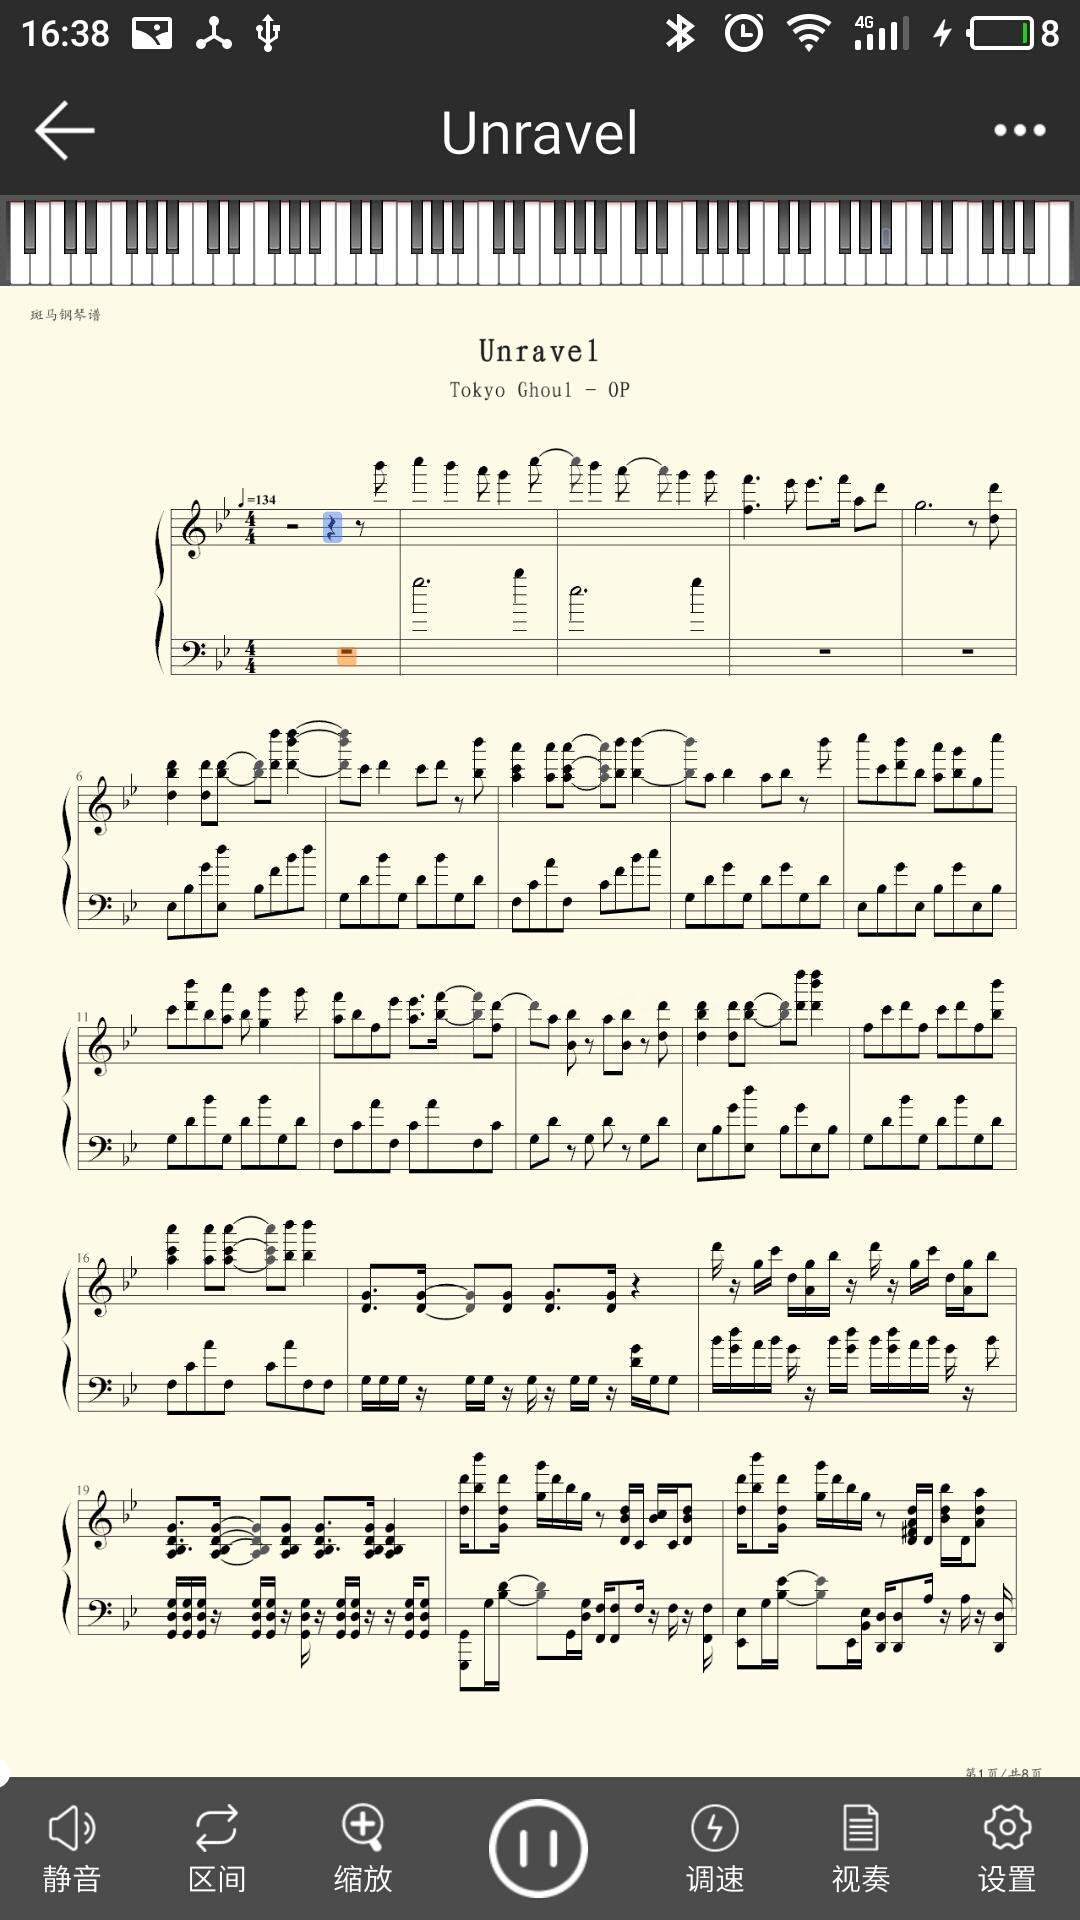 斑马精选钢琴谱 v1.6.5